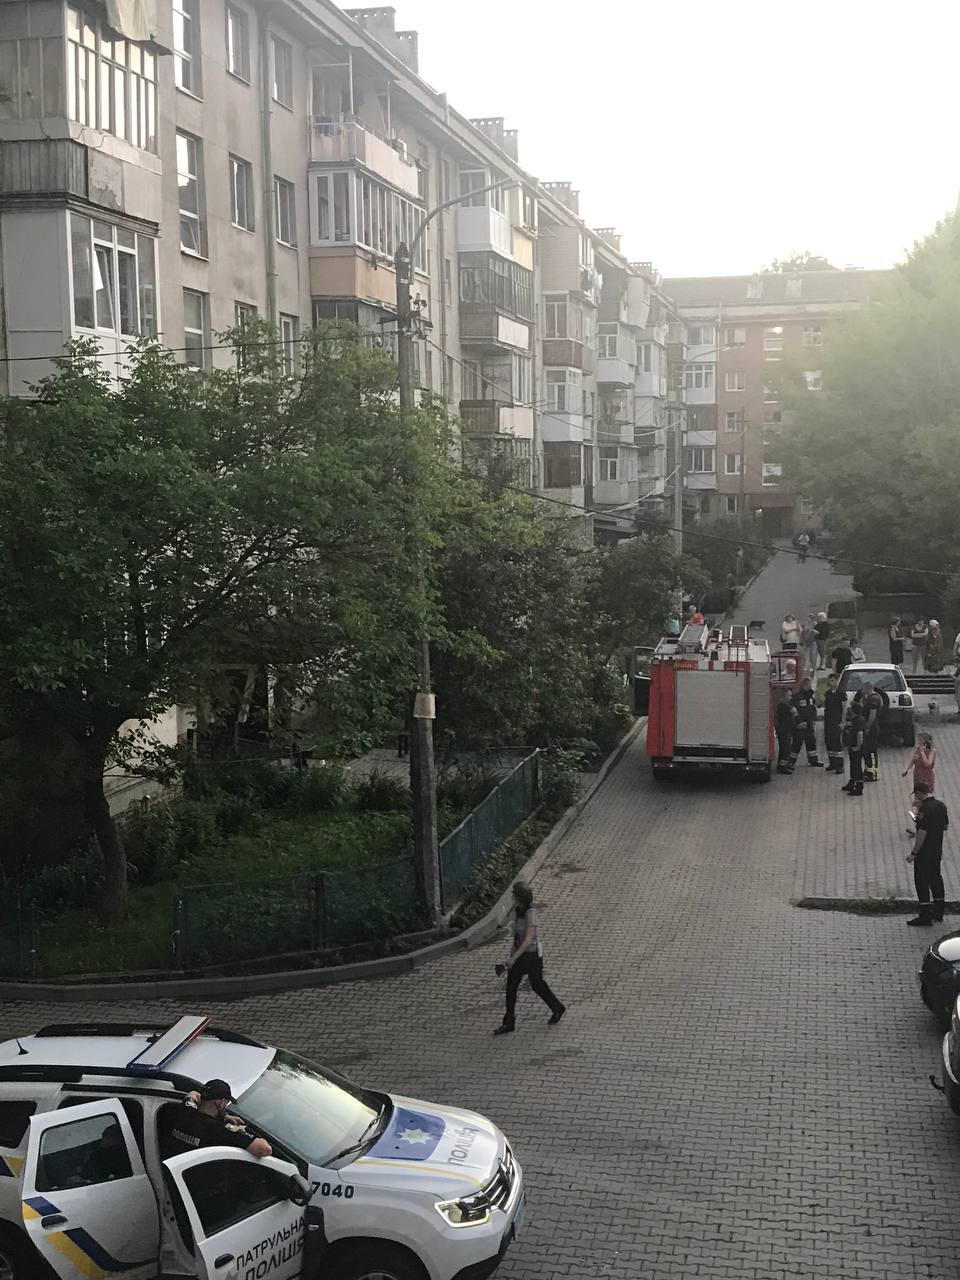 У Франківську чоловік збрехав про пожежу, бо не міг потрапити у свою квартиру - тепер чекає на штраф (ФОТОФАКТ)